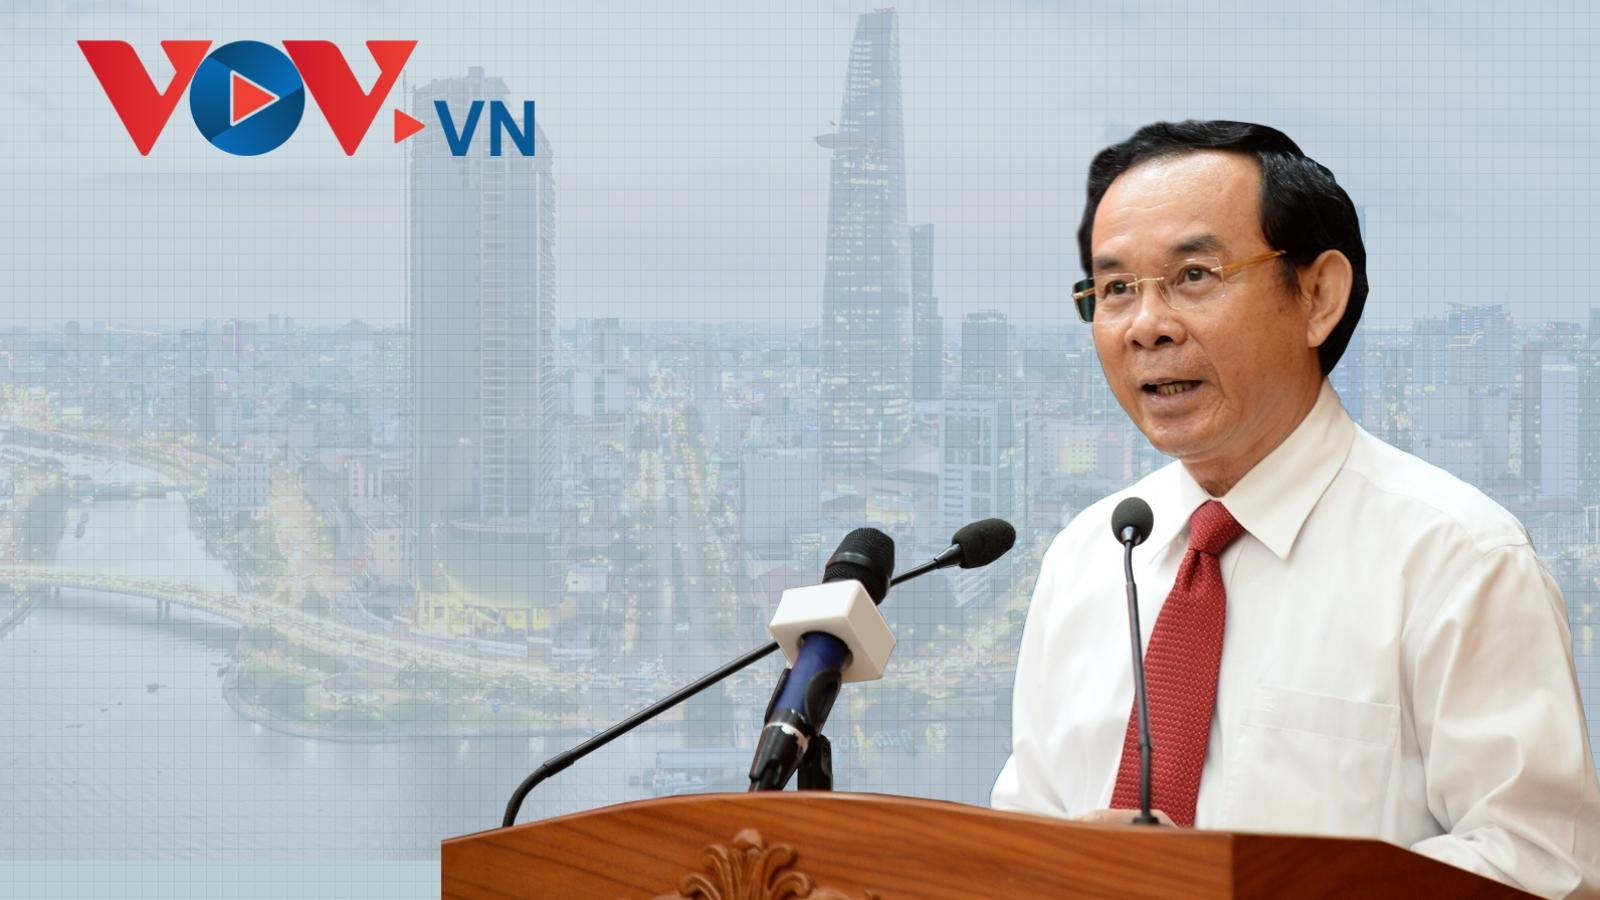 Quá trình công tác của ông Nguyễn Văn Nên